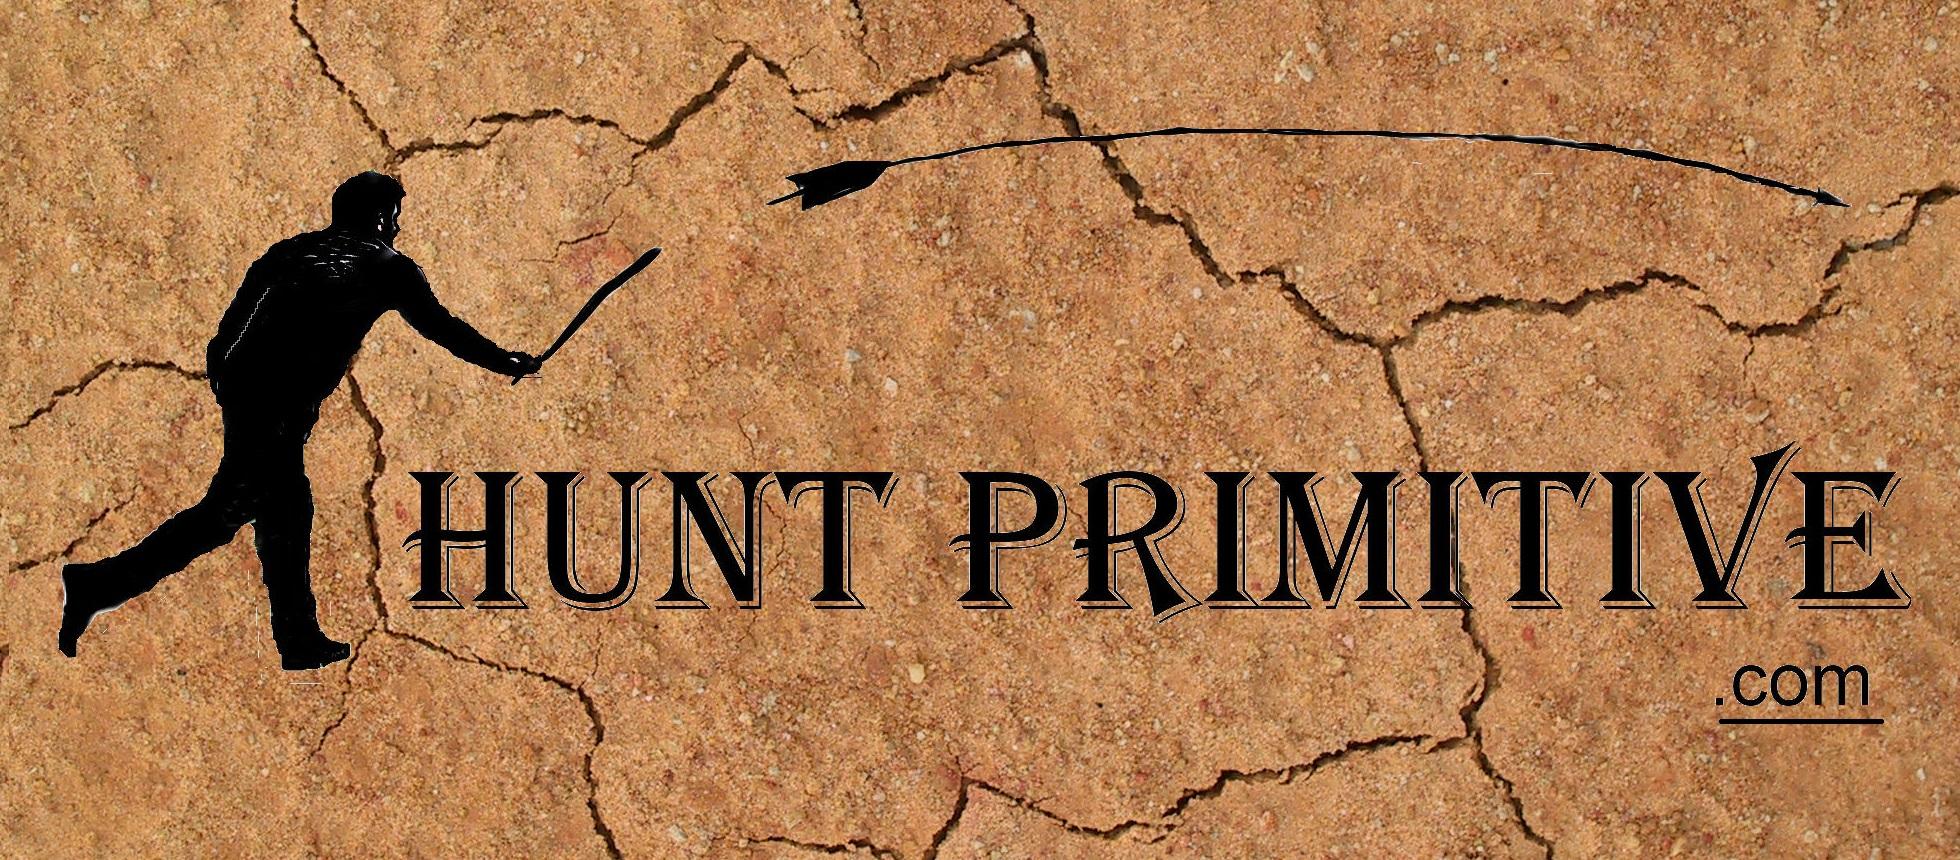 hunt primitive mud